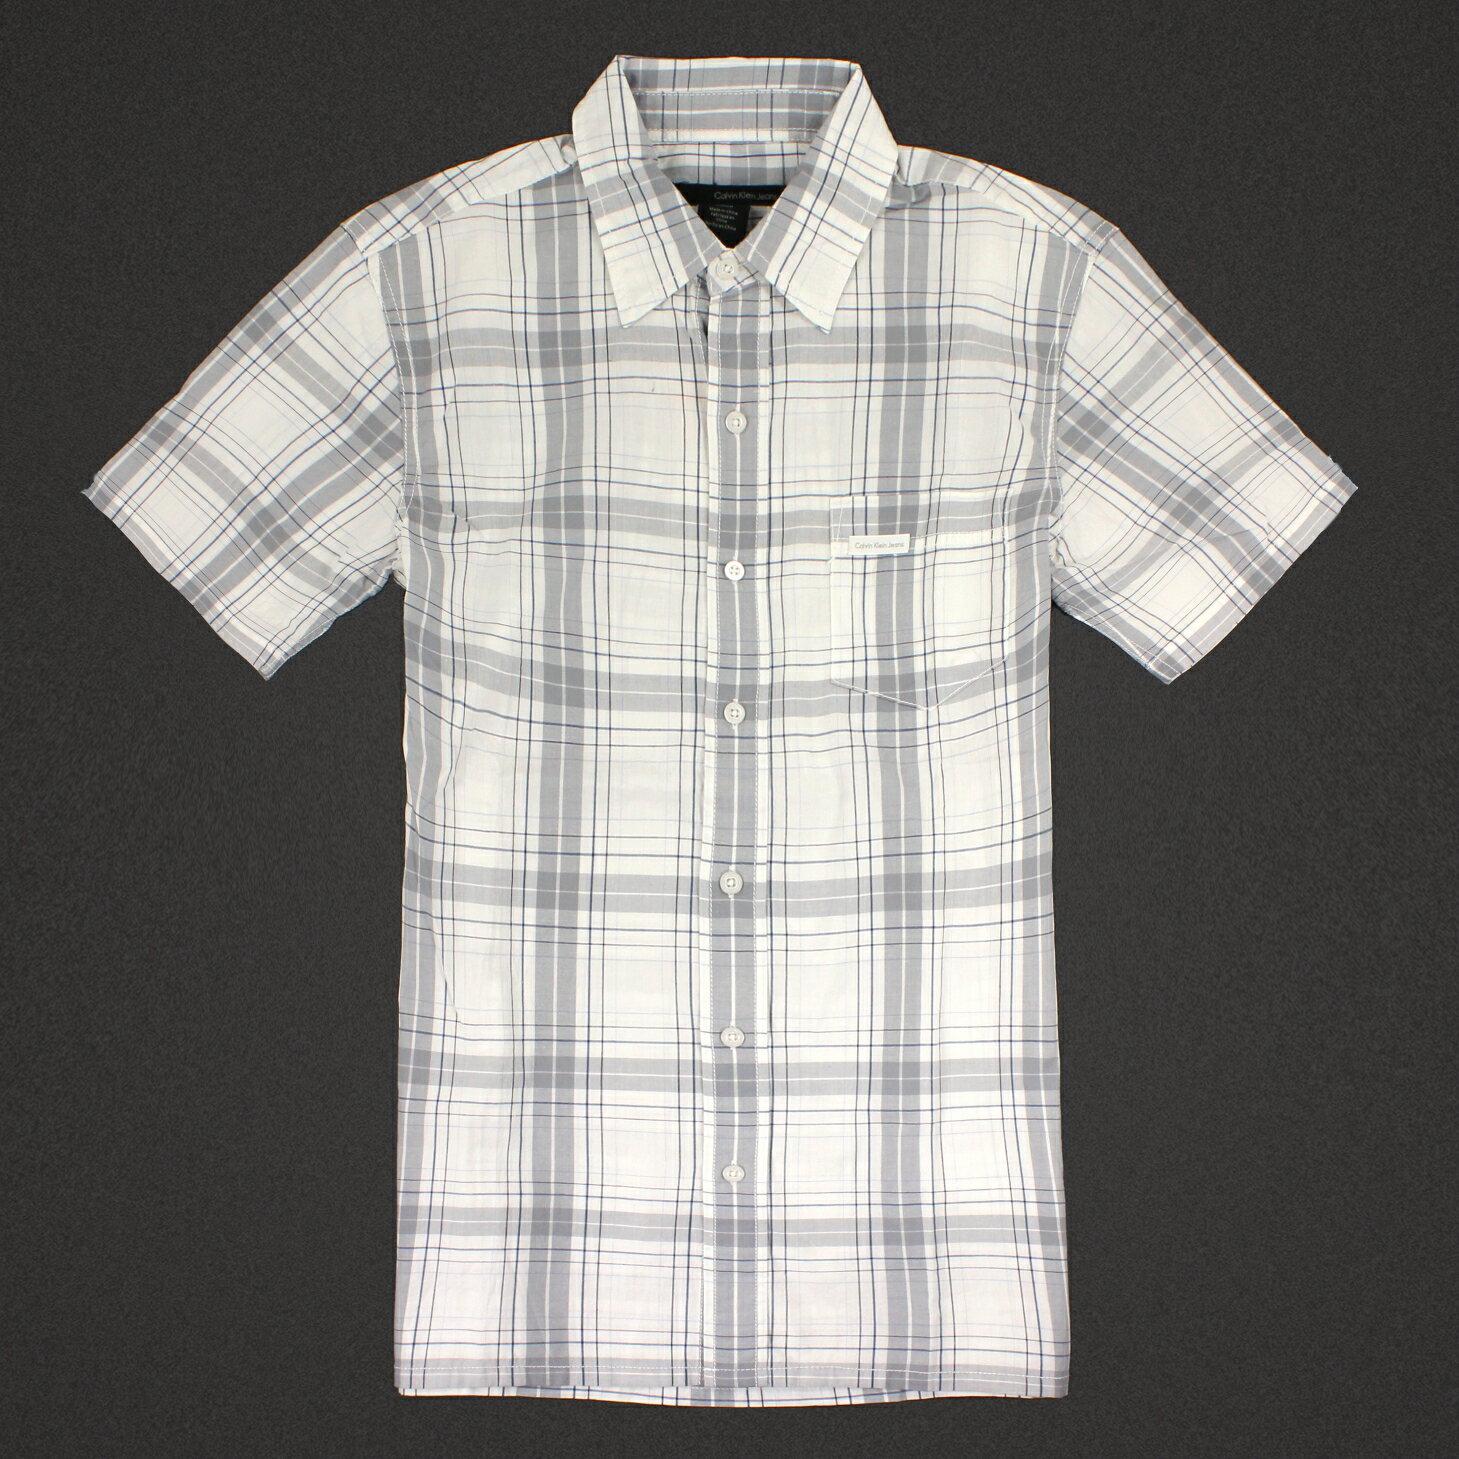 美國百分百【全新真品】Calvin Klein 襯衫 CK 男衣 短袖 格紋 休閒 上衣 S號 淺灰色 E201